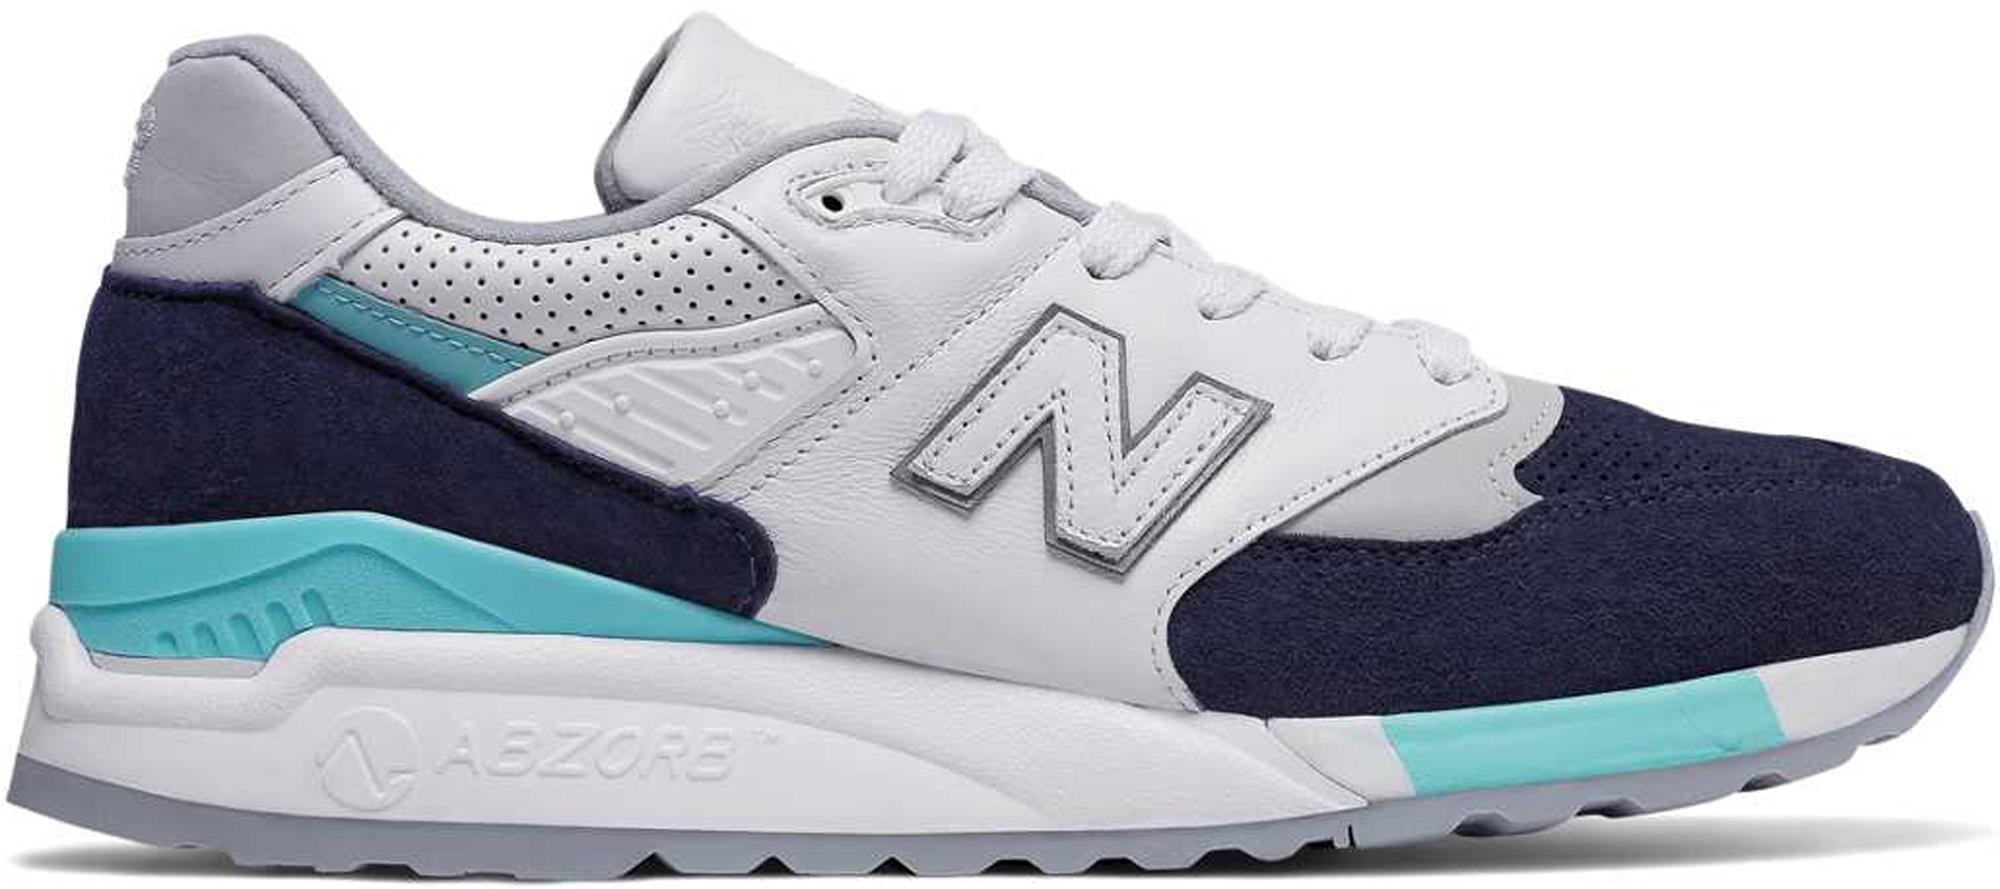 New Balance 998 Winter Peaks White Navy